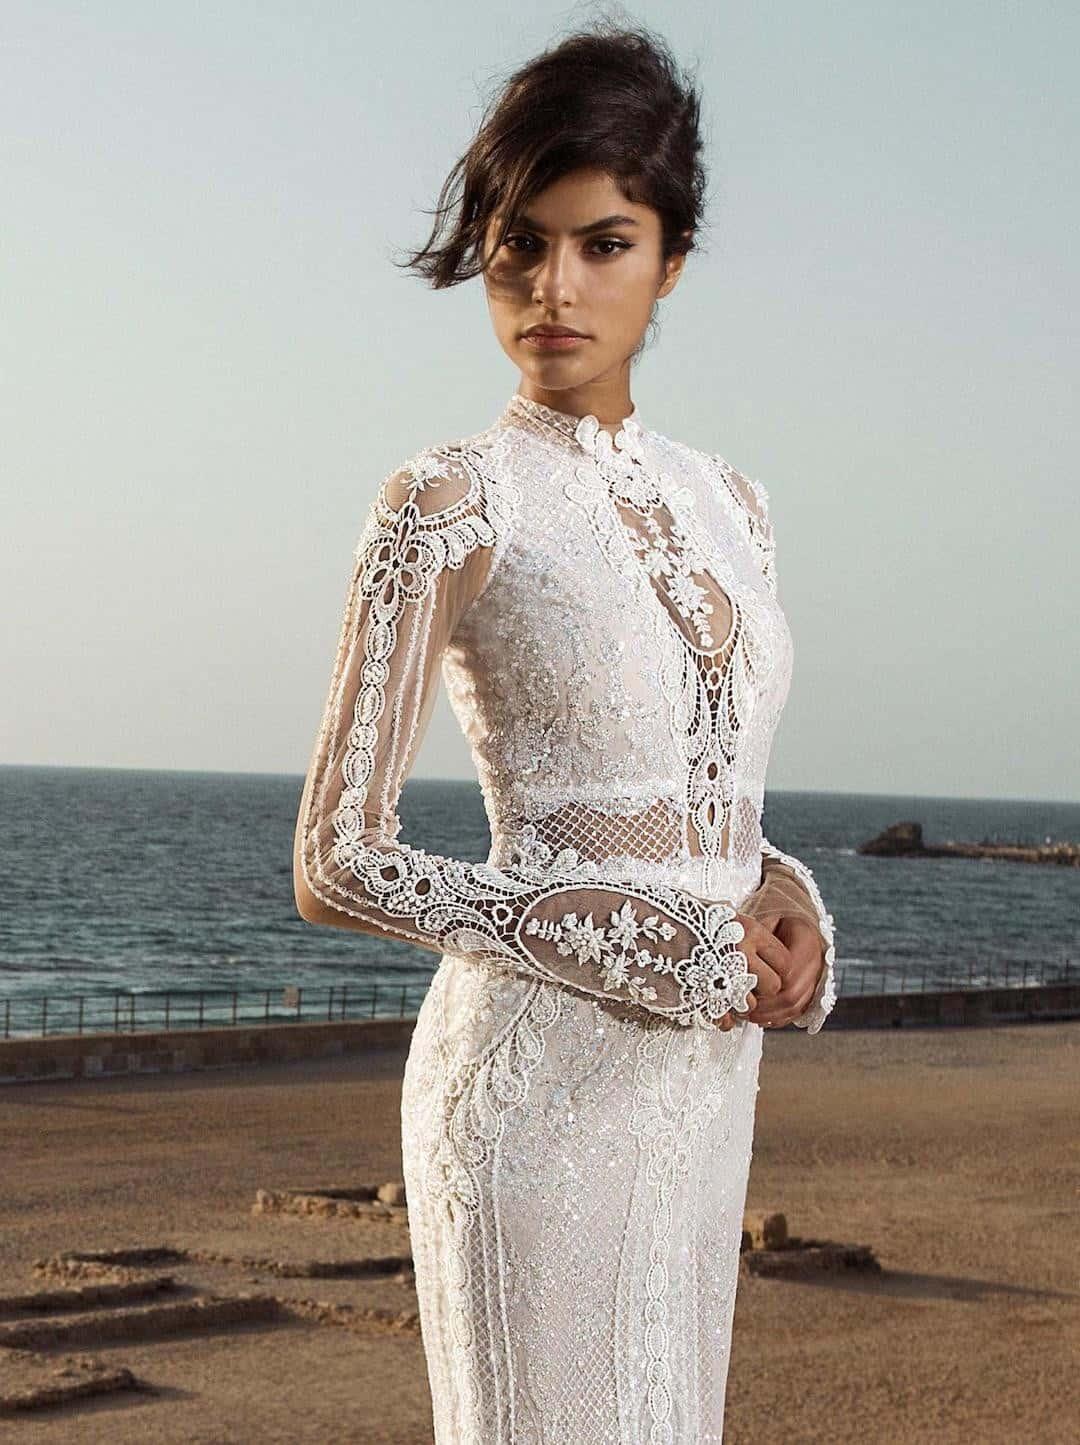 Haute Couture esküvöi ruhák - Gala-805-front